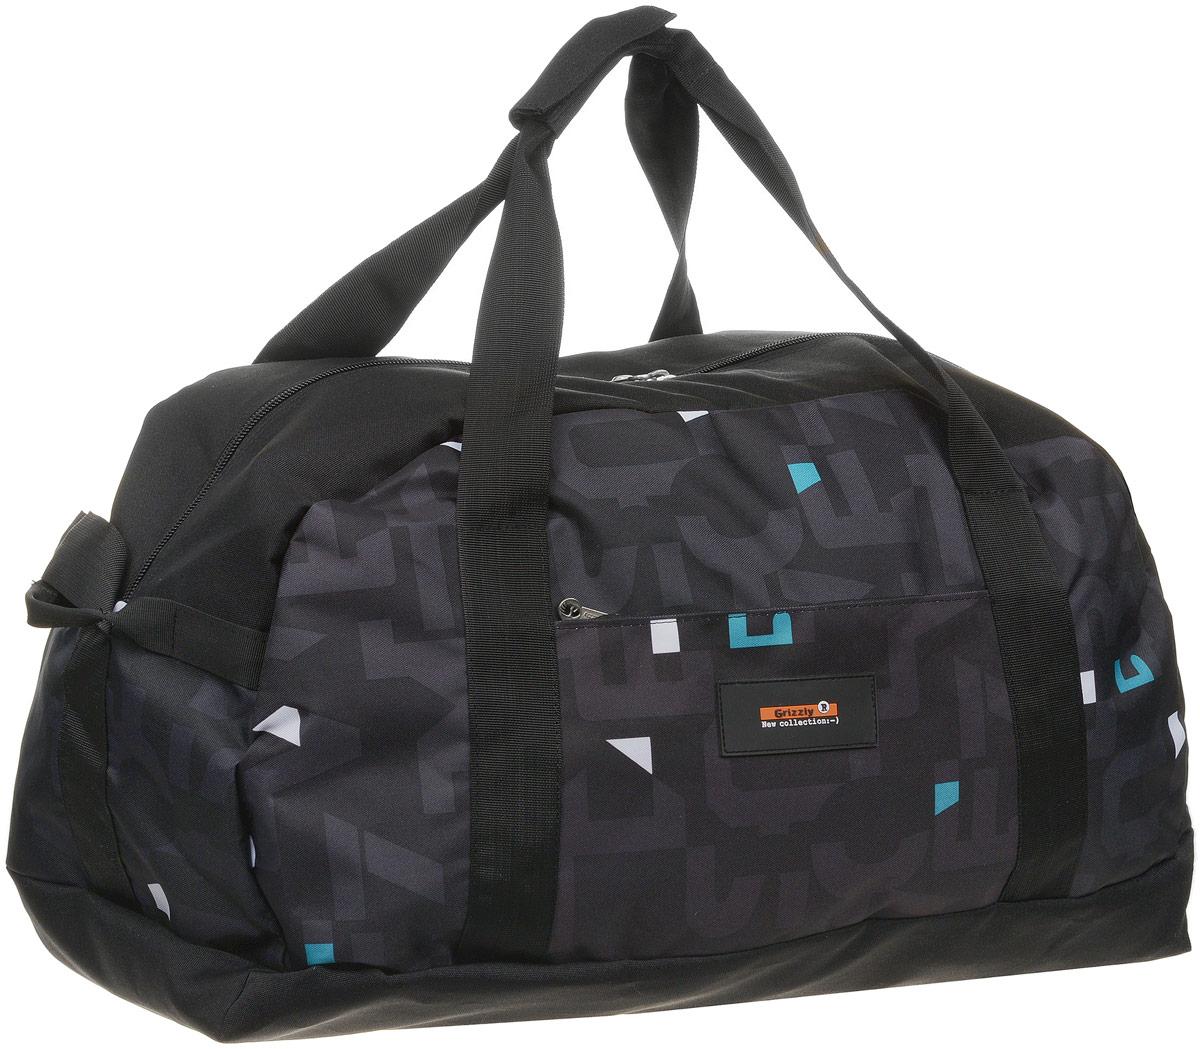 Сумка спортивная Grizzly, цвет: черный. TU-800-4/1 сумка дорожная grizzly grizzly mp002xw19eap